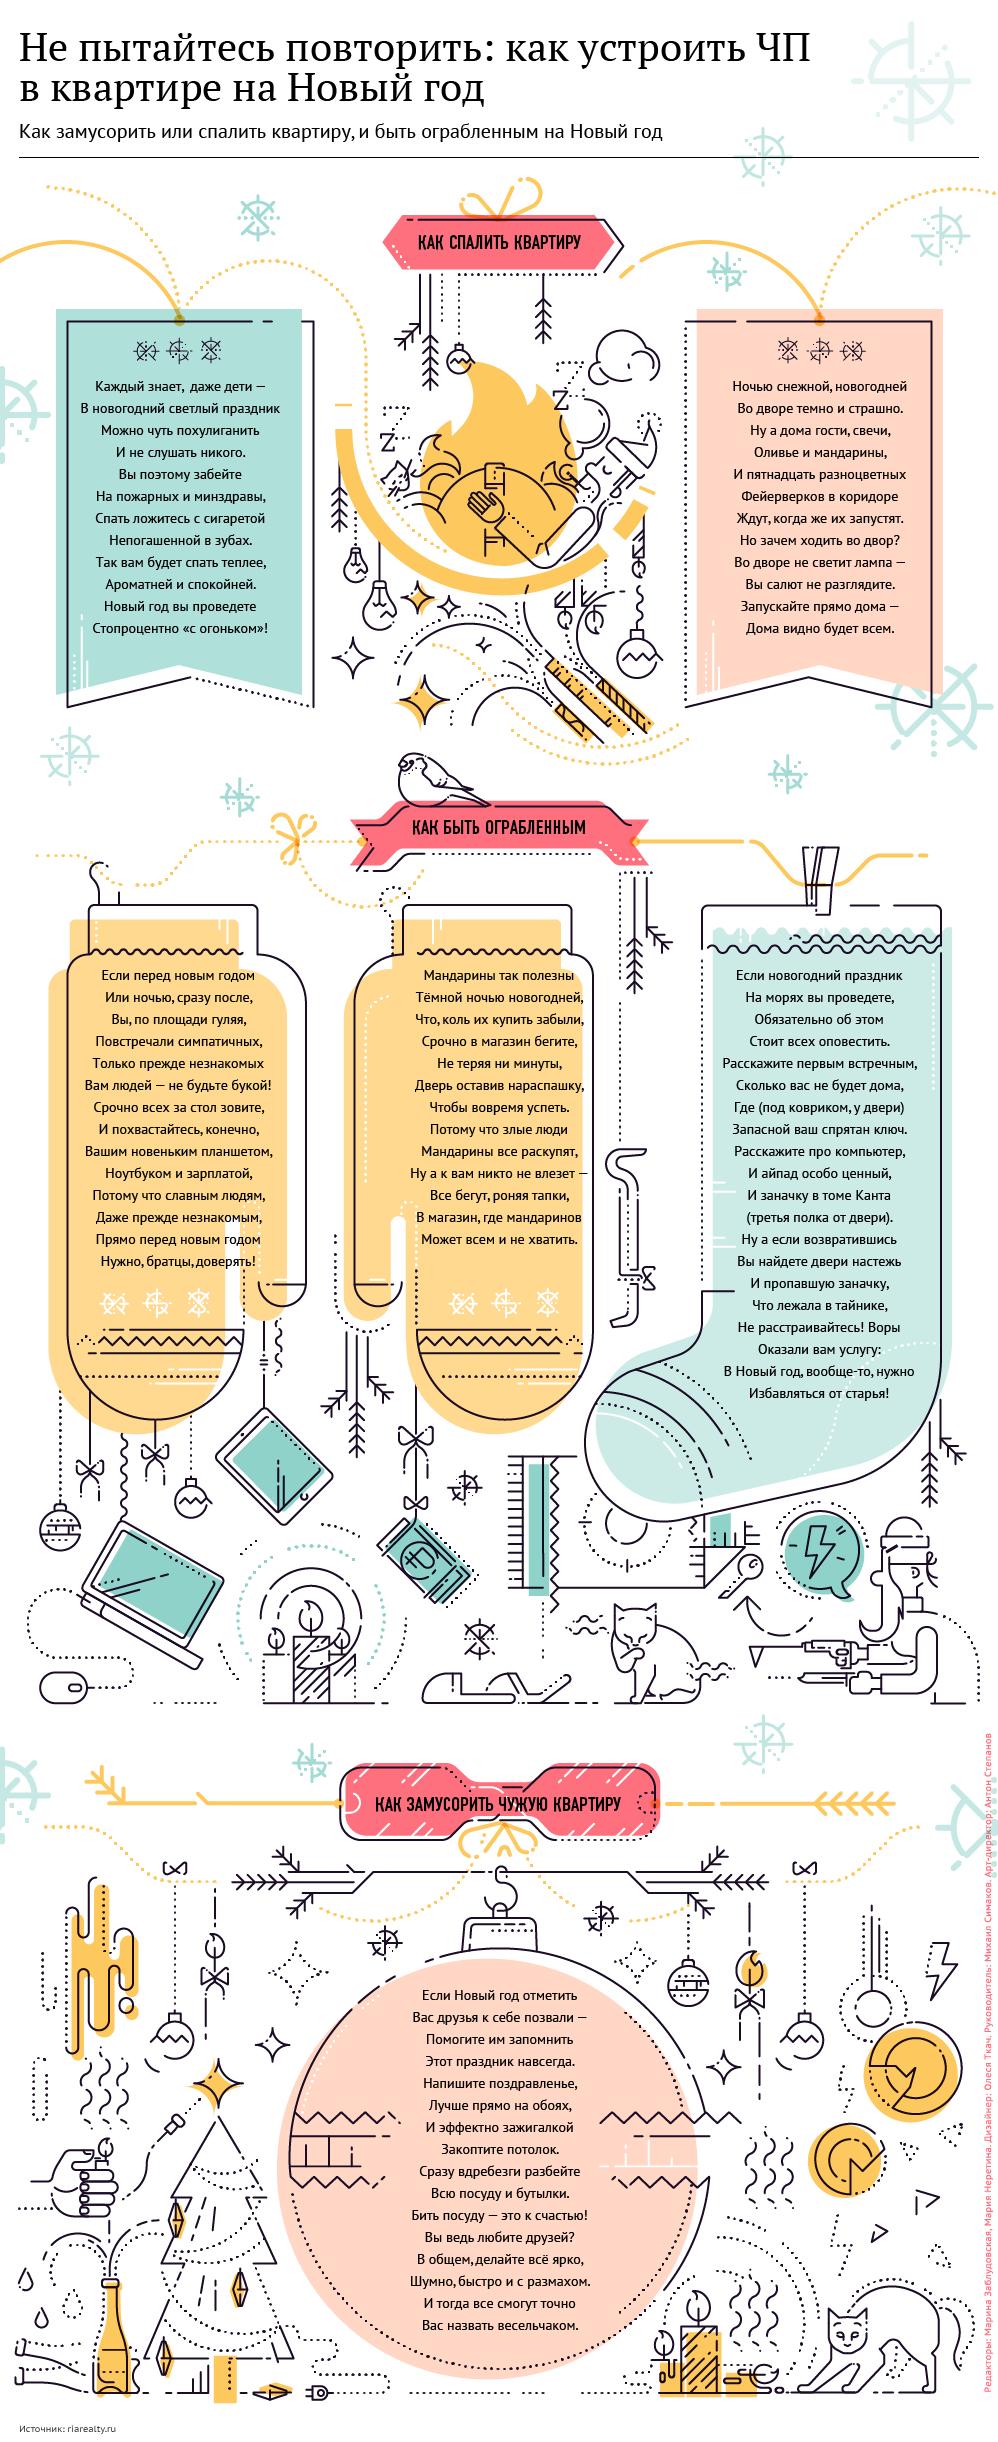 Не пытайтесь повторить: как устроить ЧП в квартире на Новый год